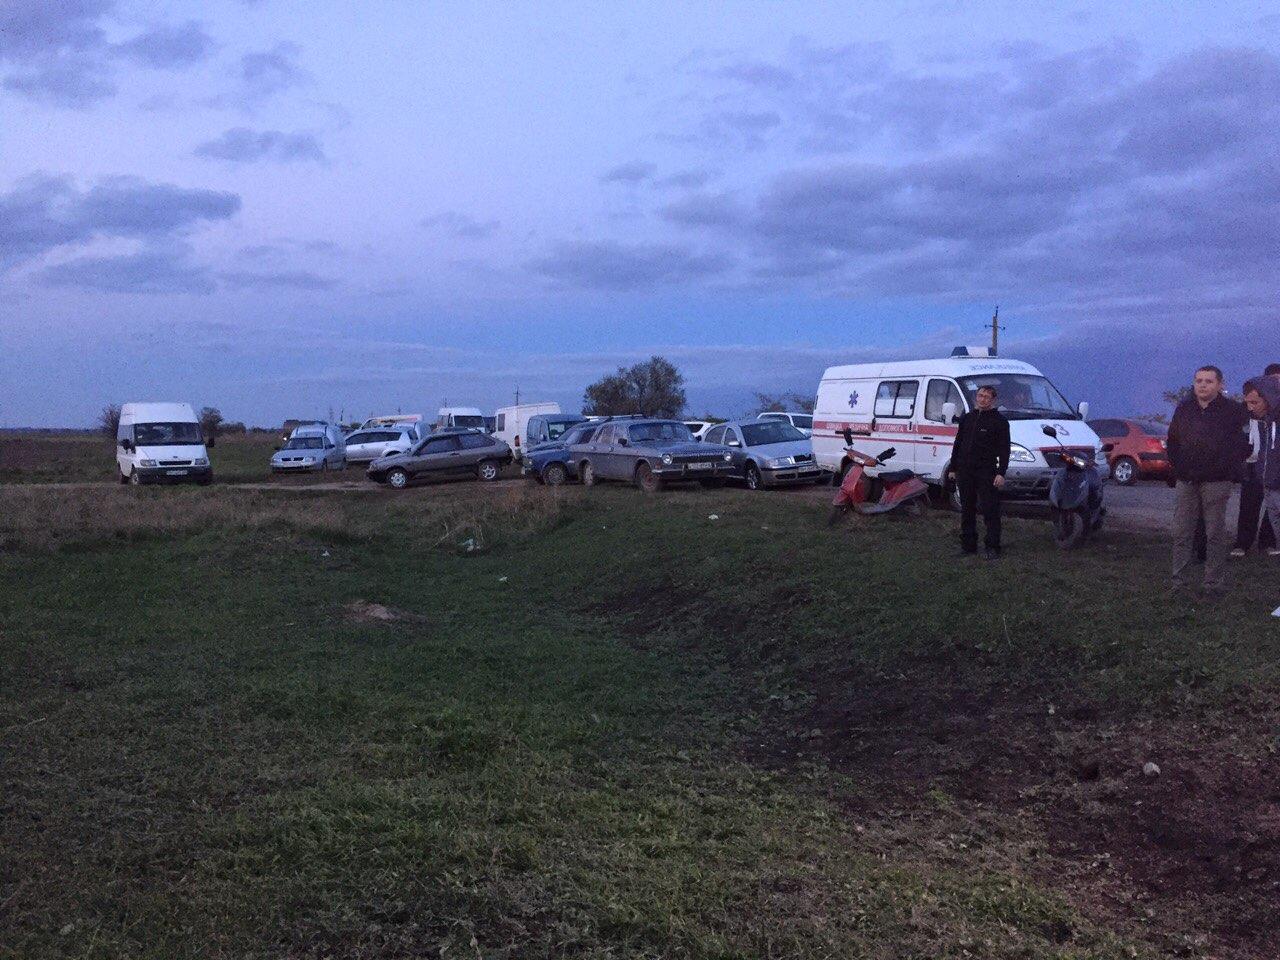 0-02-05-2e7c27a434de6faa6beeefbbd5455429f5bb0275680f90a5ab9805c351eb7584_full Саакашвили пообещал в течении 48 часов разблокировать ремонт дороги Килия-Спасское